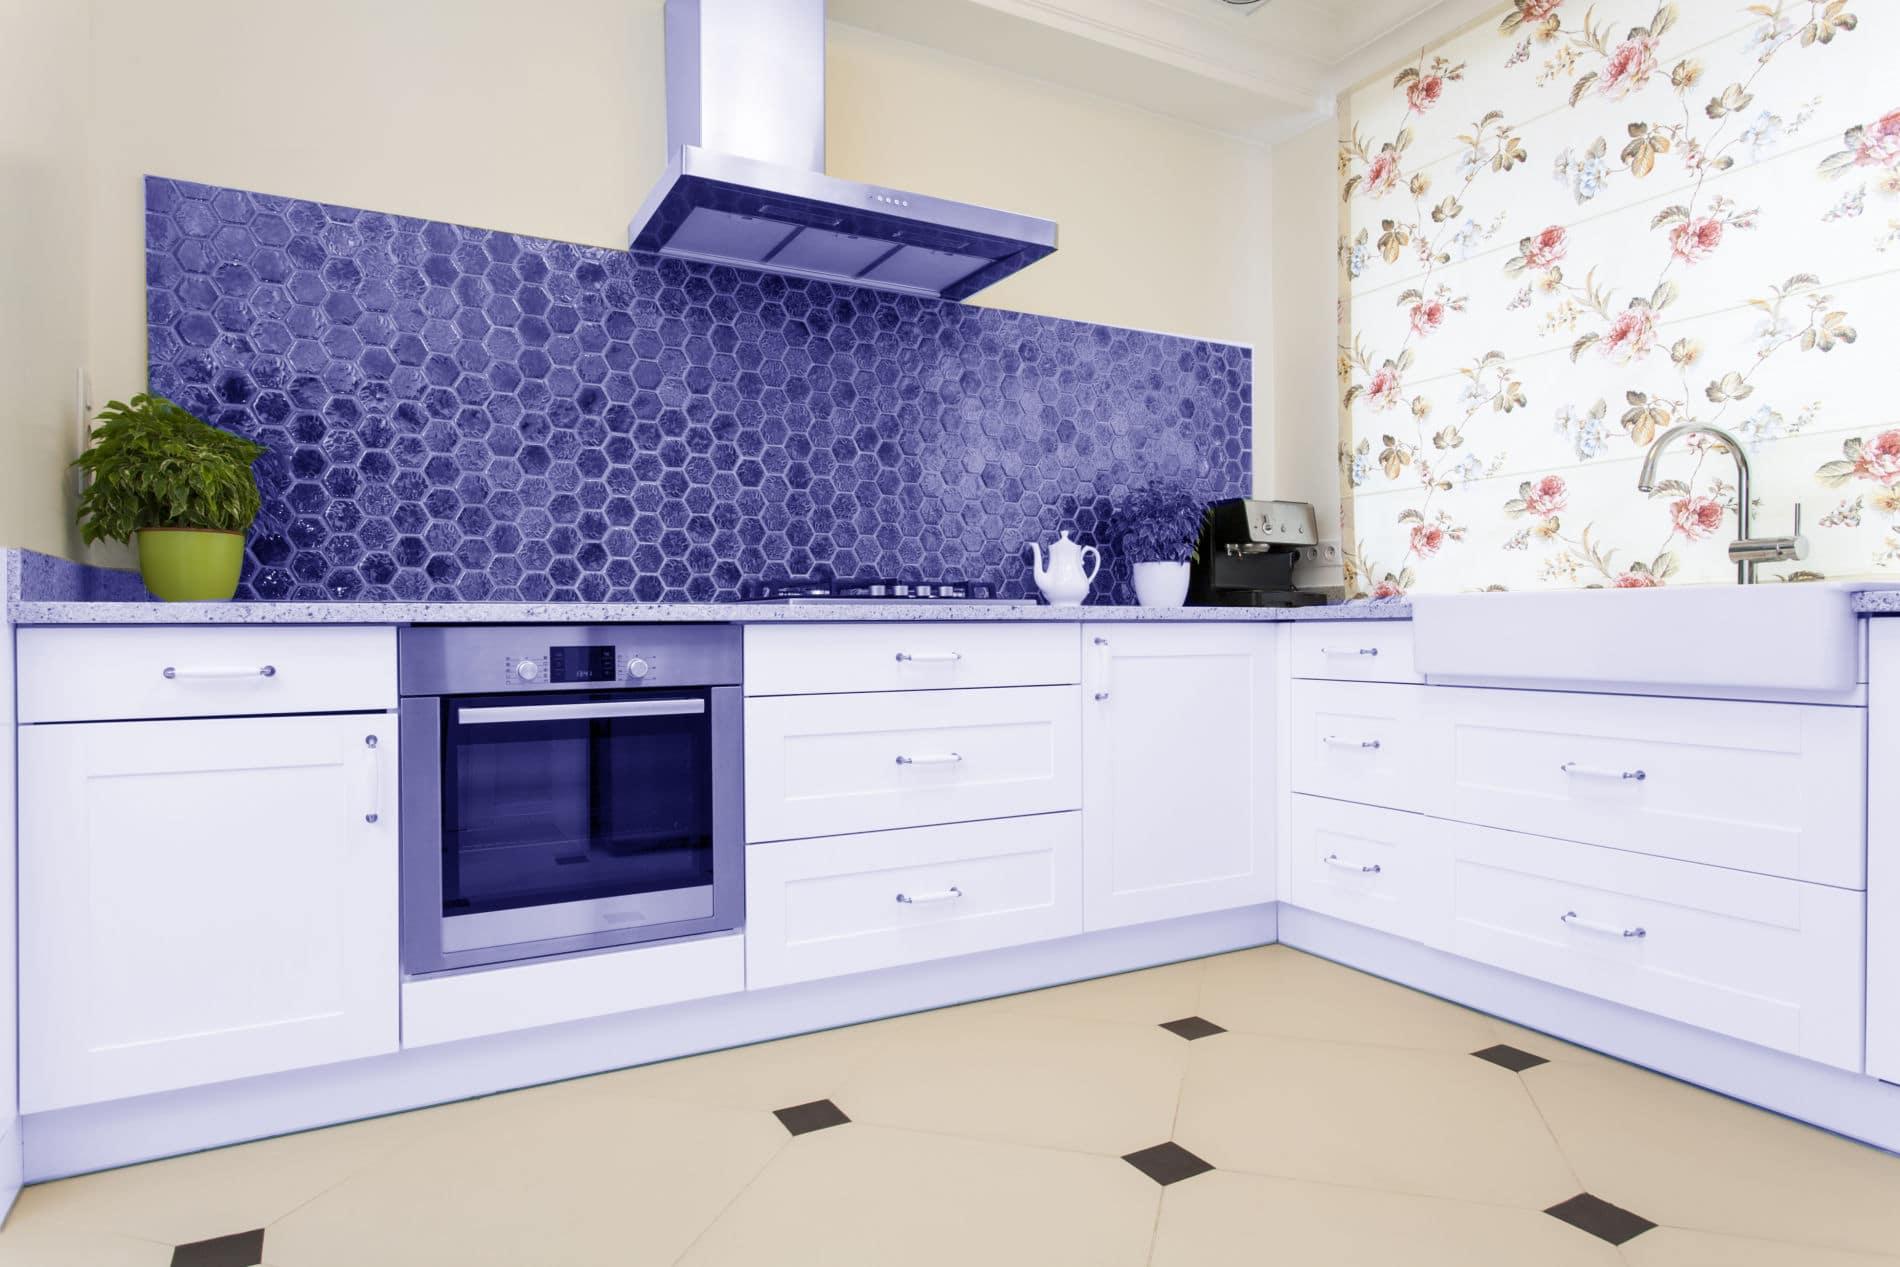 עיצוב מטבחים בהתאמהחברות לעיצוב וייצור מטבחים יוקרתיים זריזים עם יכולות טכניות גבוהות באספקה ושירות שיודעים לתת שירות אדיב ומקצועי, שמומחים לשירותי ייצור ועיצוב מטבחים תוך כדי הפעלת המקרר והתנור ללקוח במטבח שלו